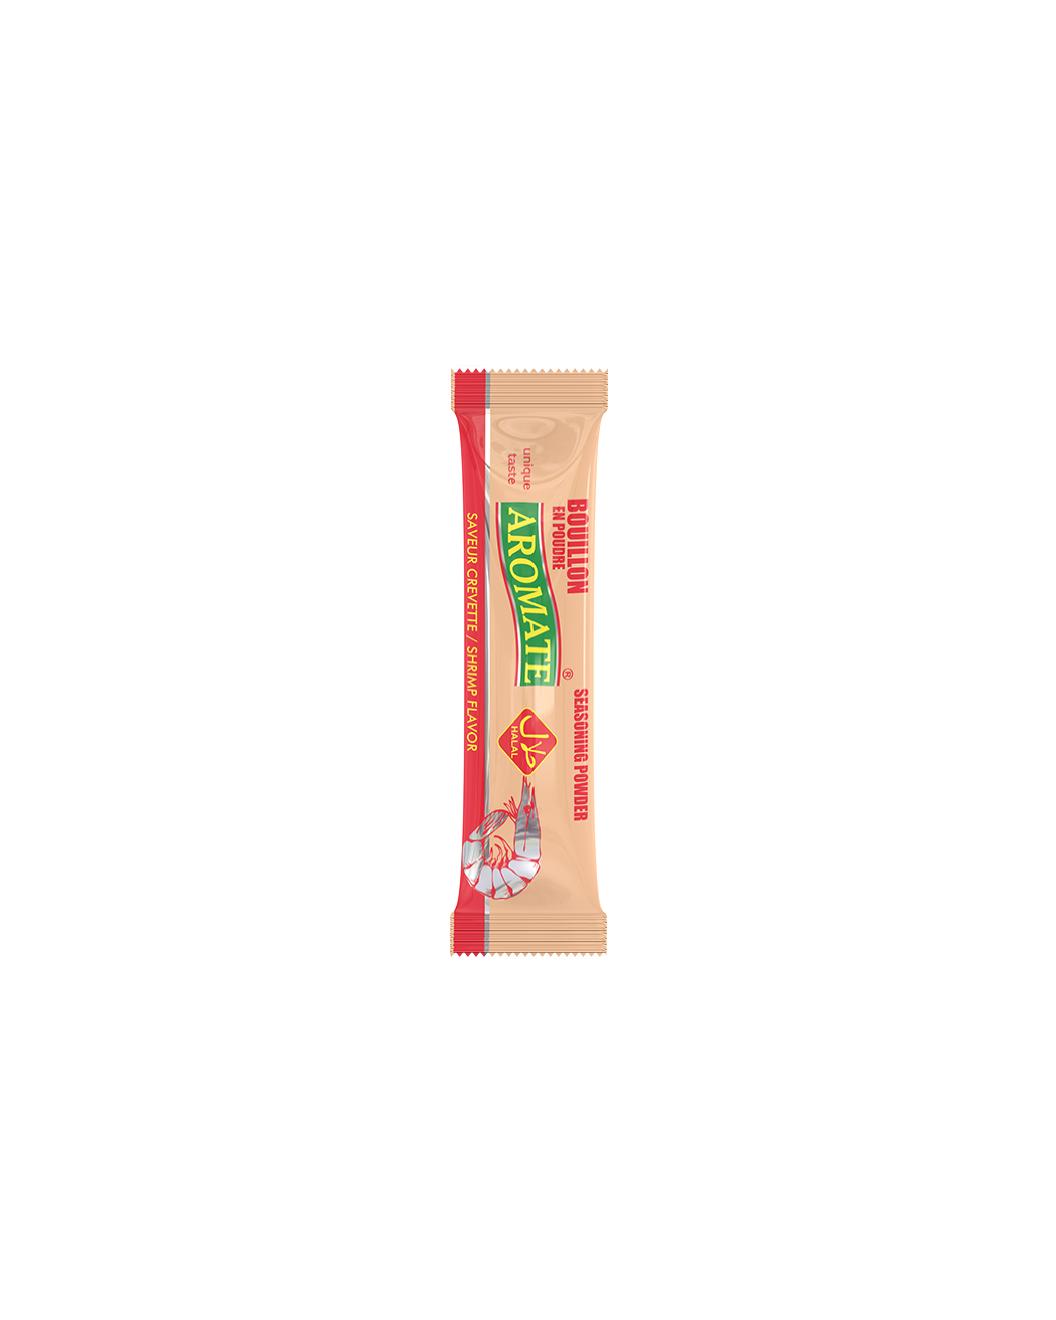 Bouillon AROMATE_Crevette Stick 15g_Siprochim